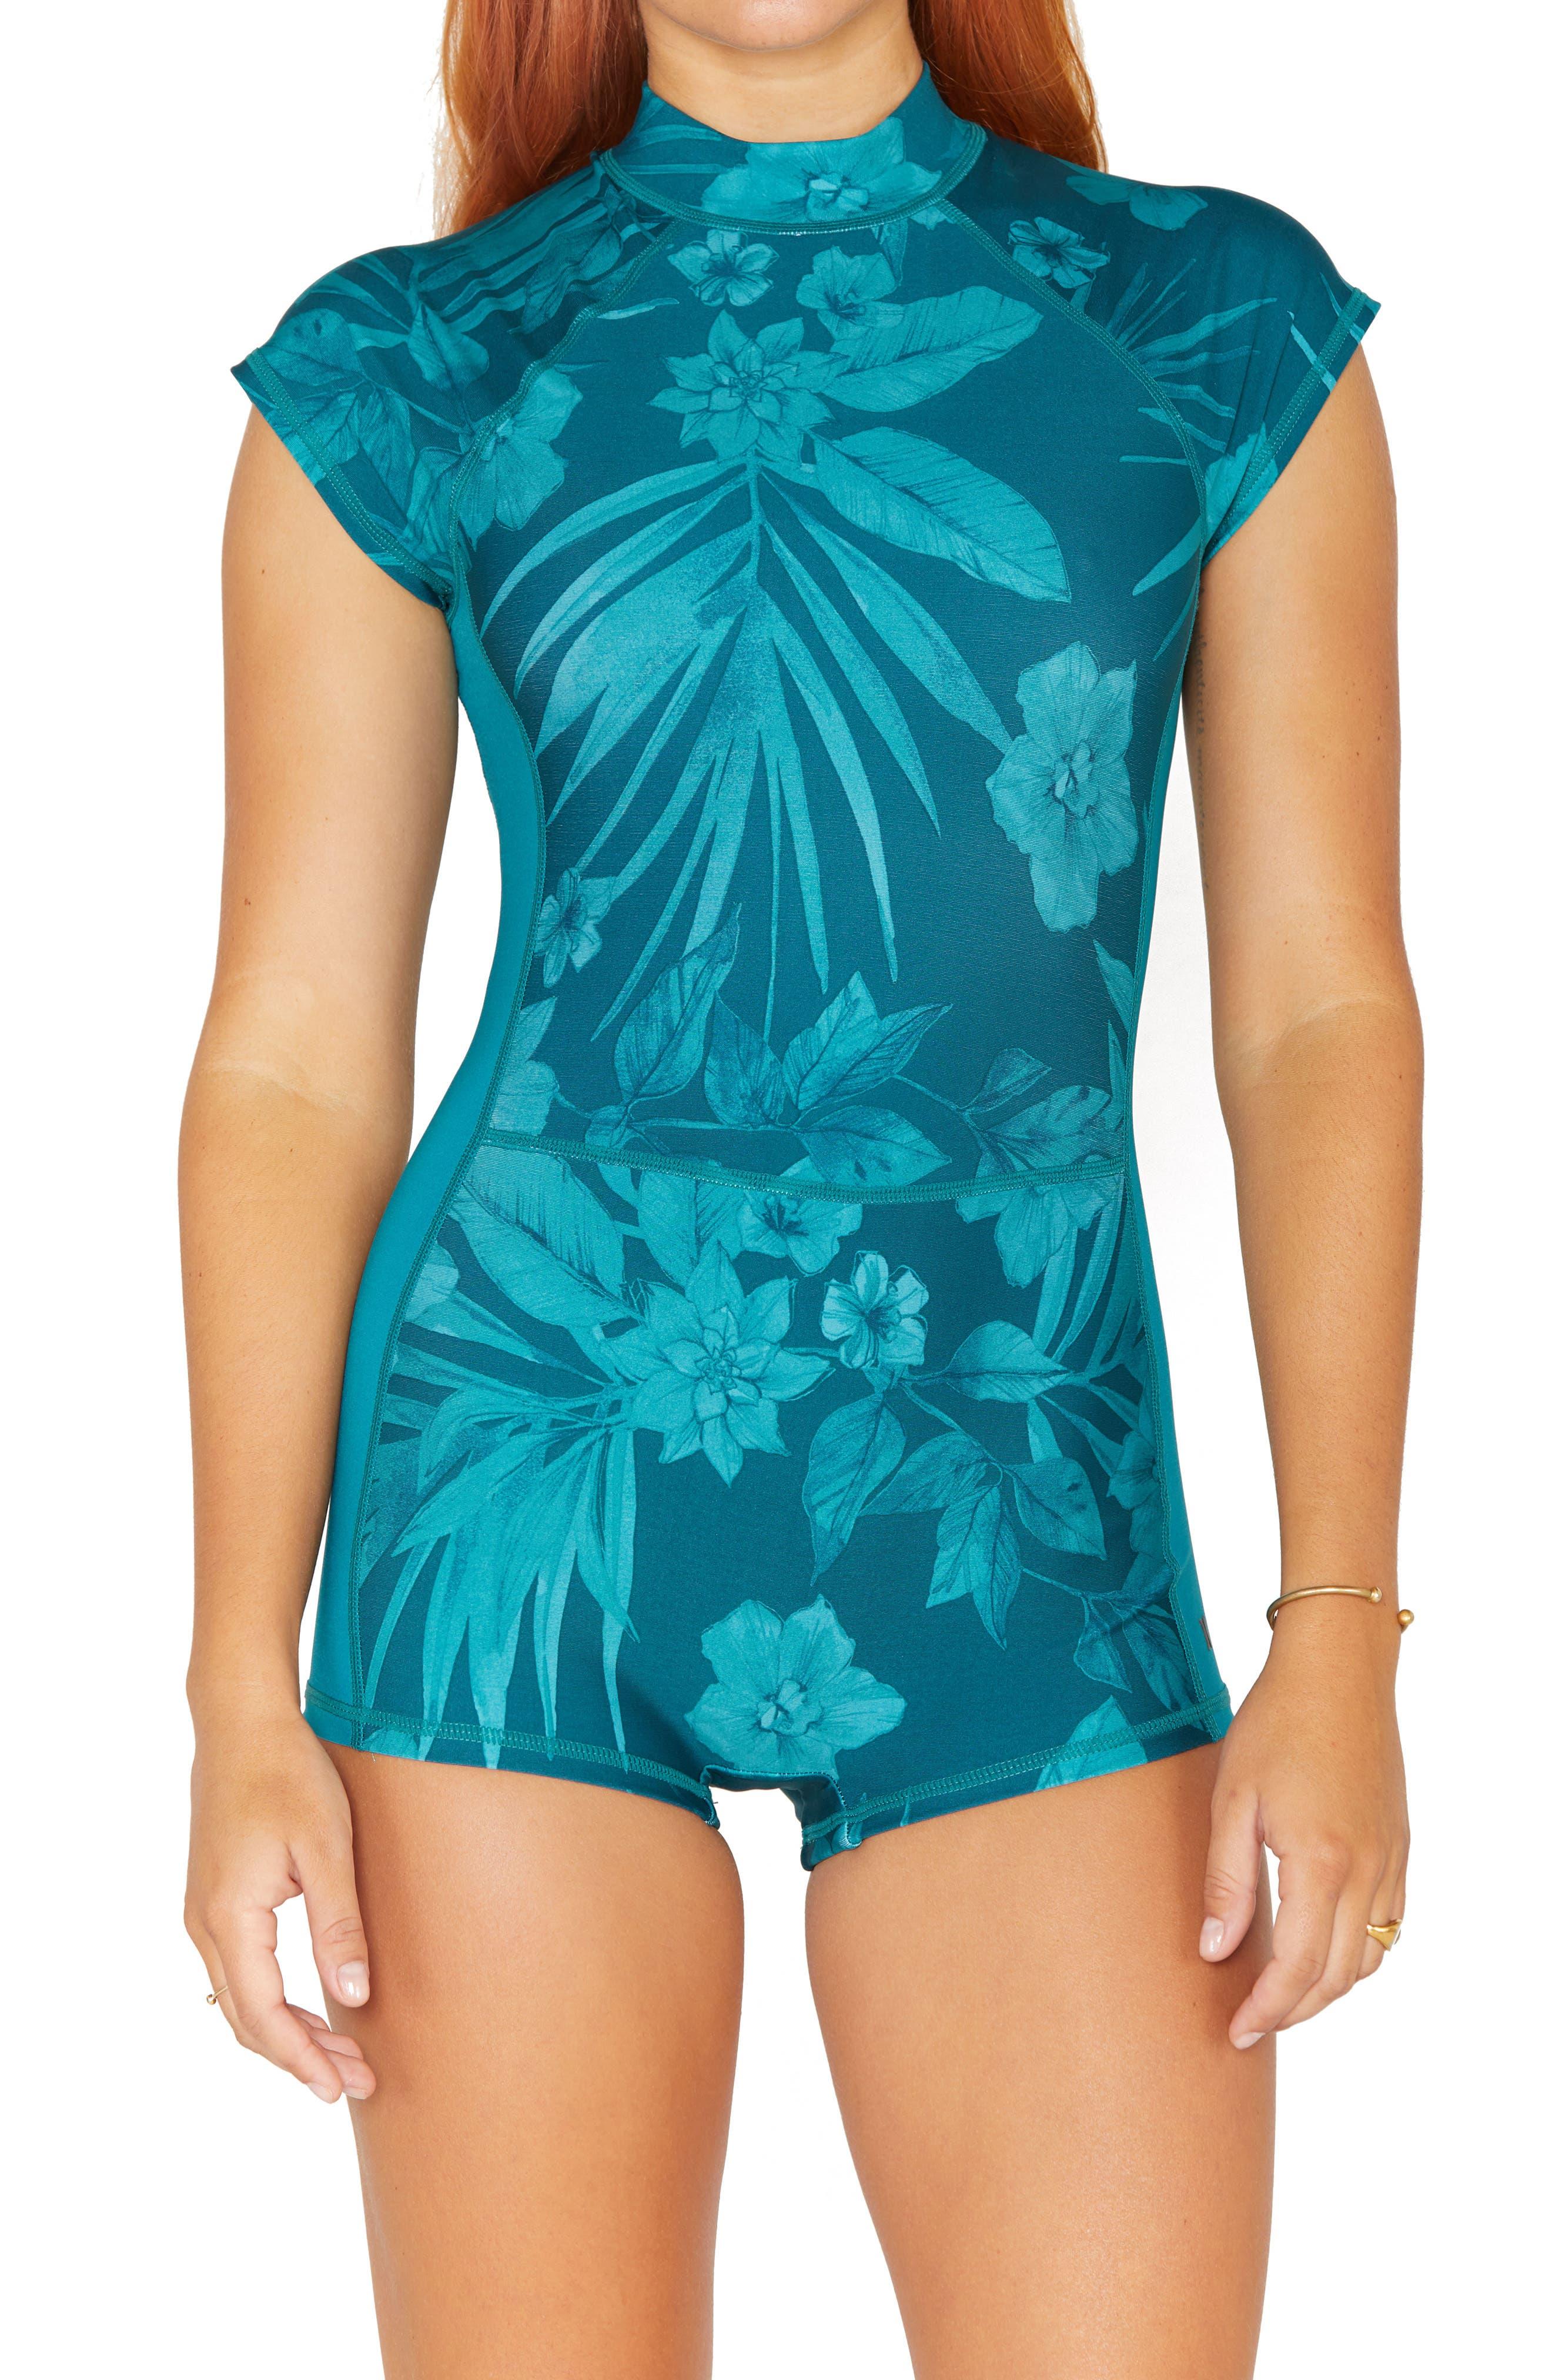 Max Hawaii Shadow Short Sleeve Rashguard Swimsuit